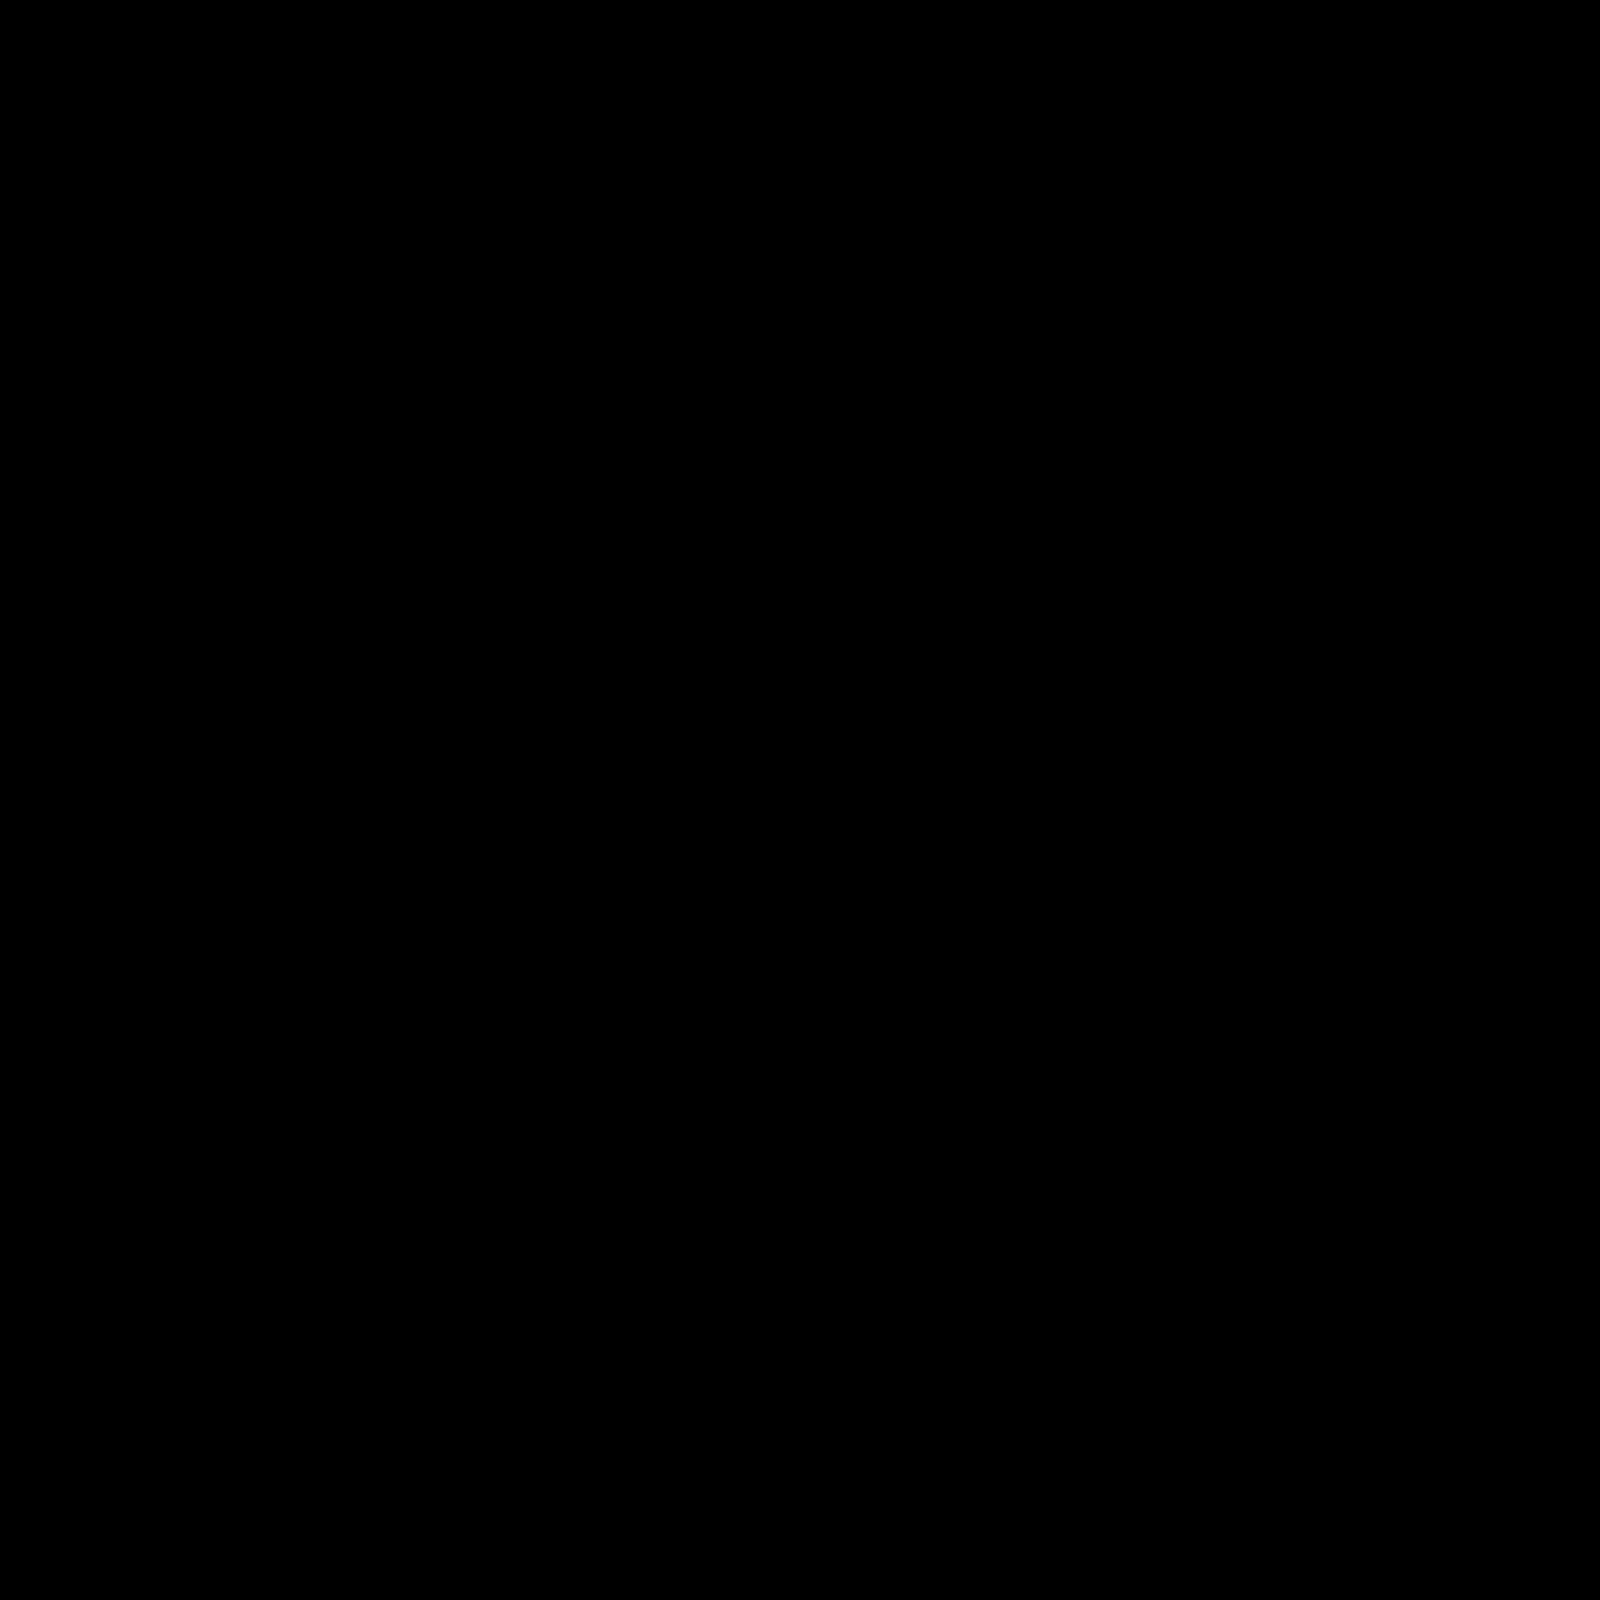 降順 icon